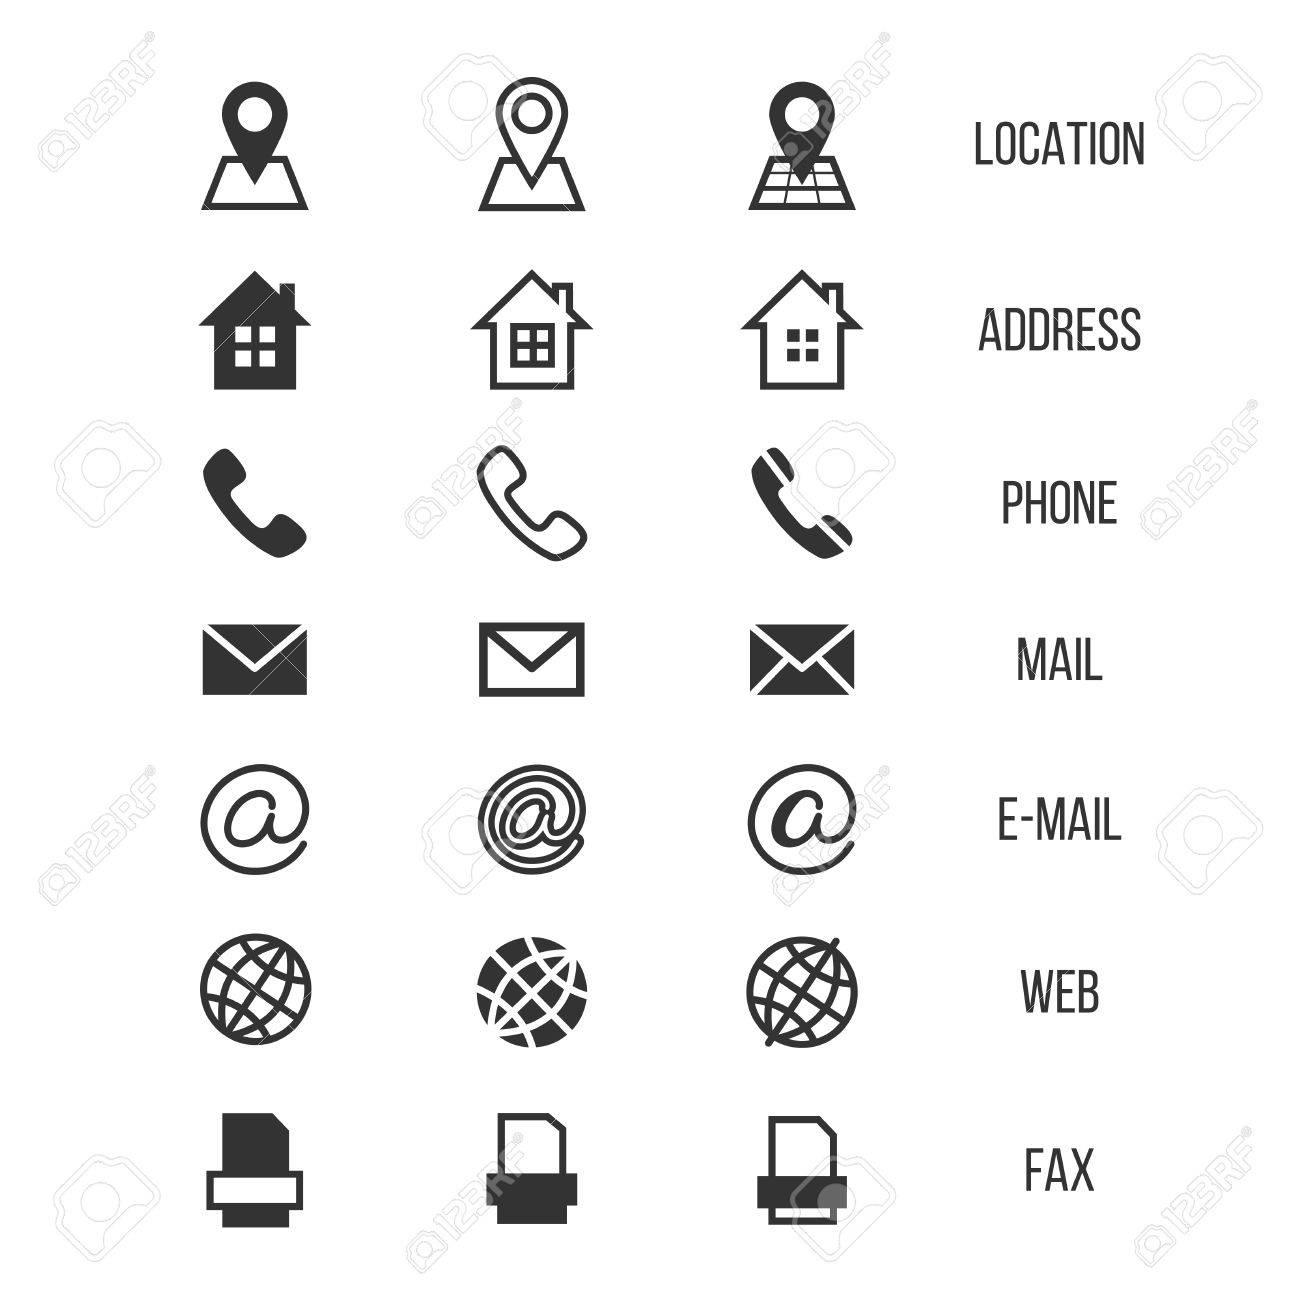 Les Icones Des Cartes De Visite La Maison Et Le Telephone L